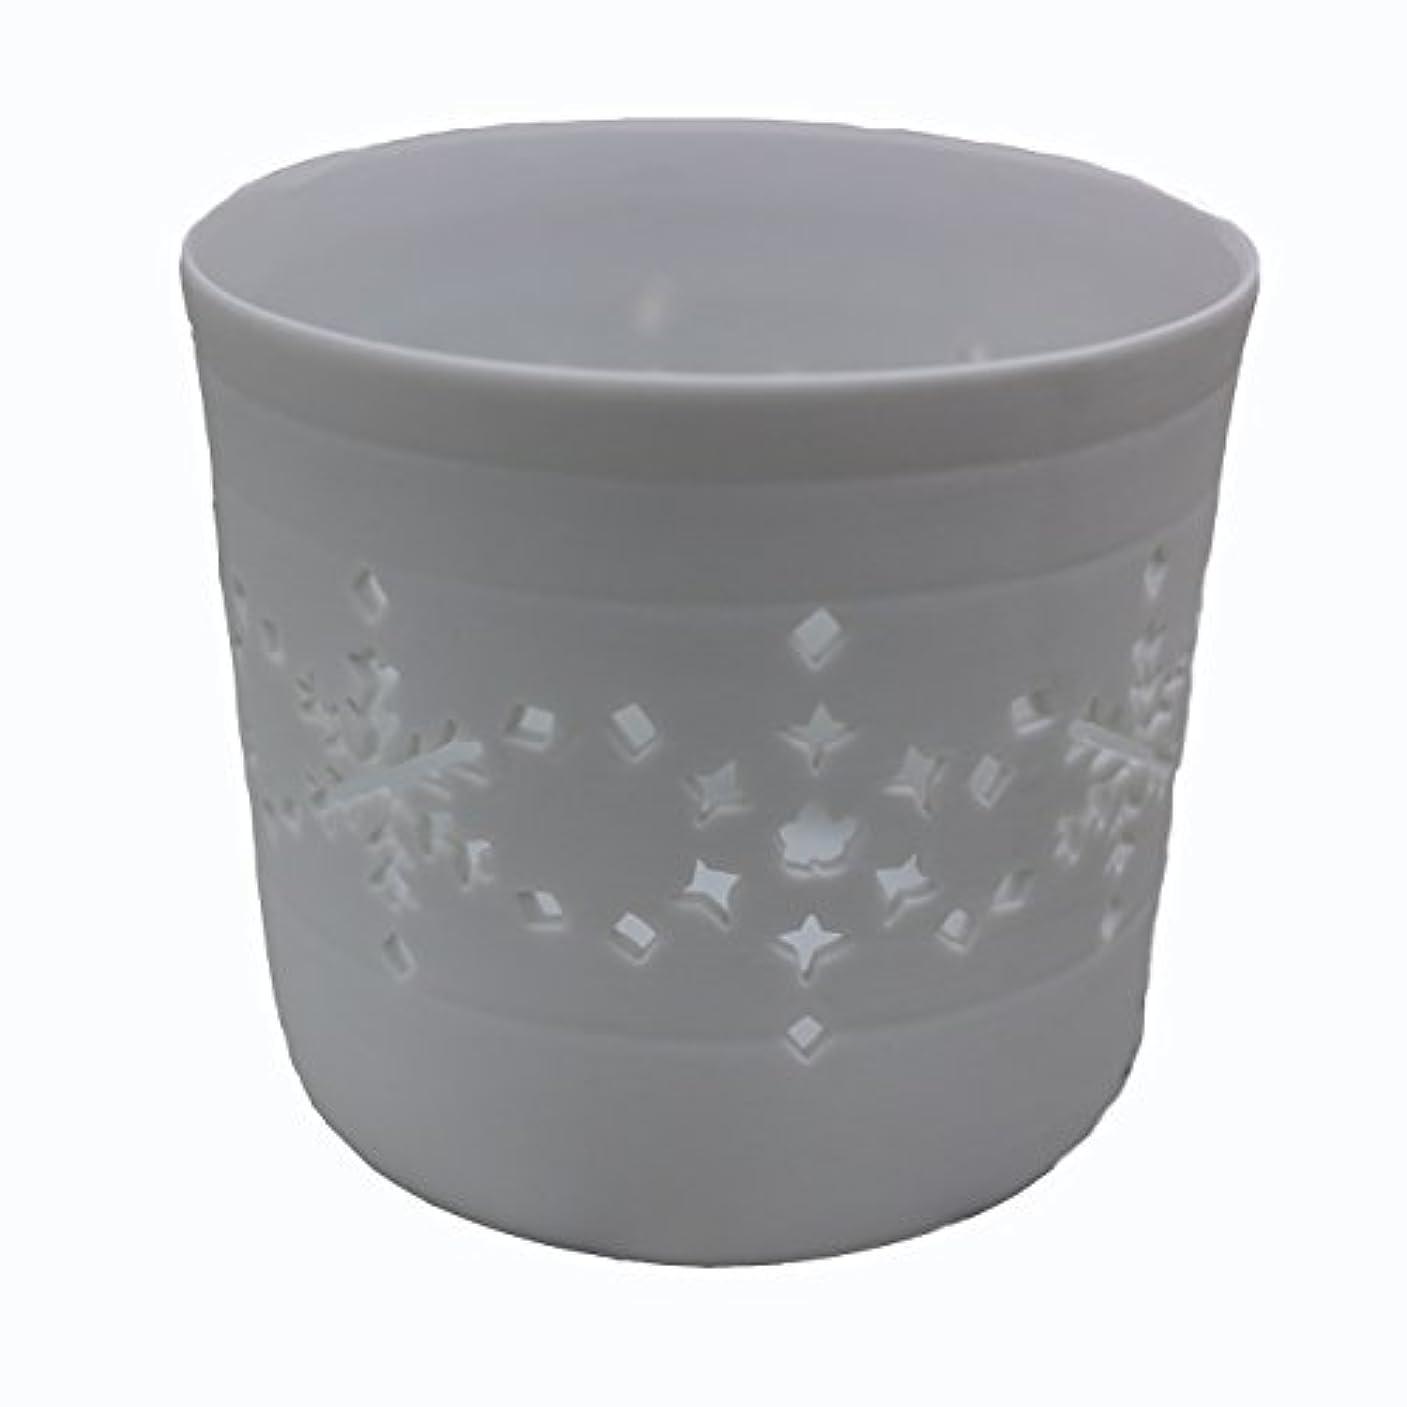 乳ランデブー公爵夫人キャンドルカップ(ティーライト付き) 結晶